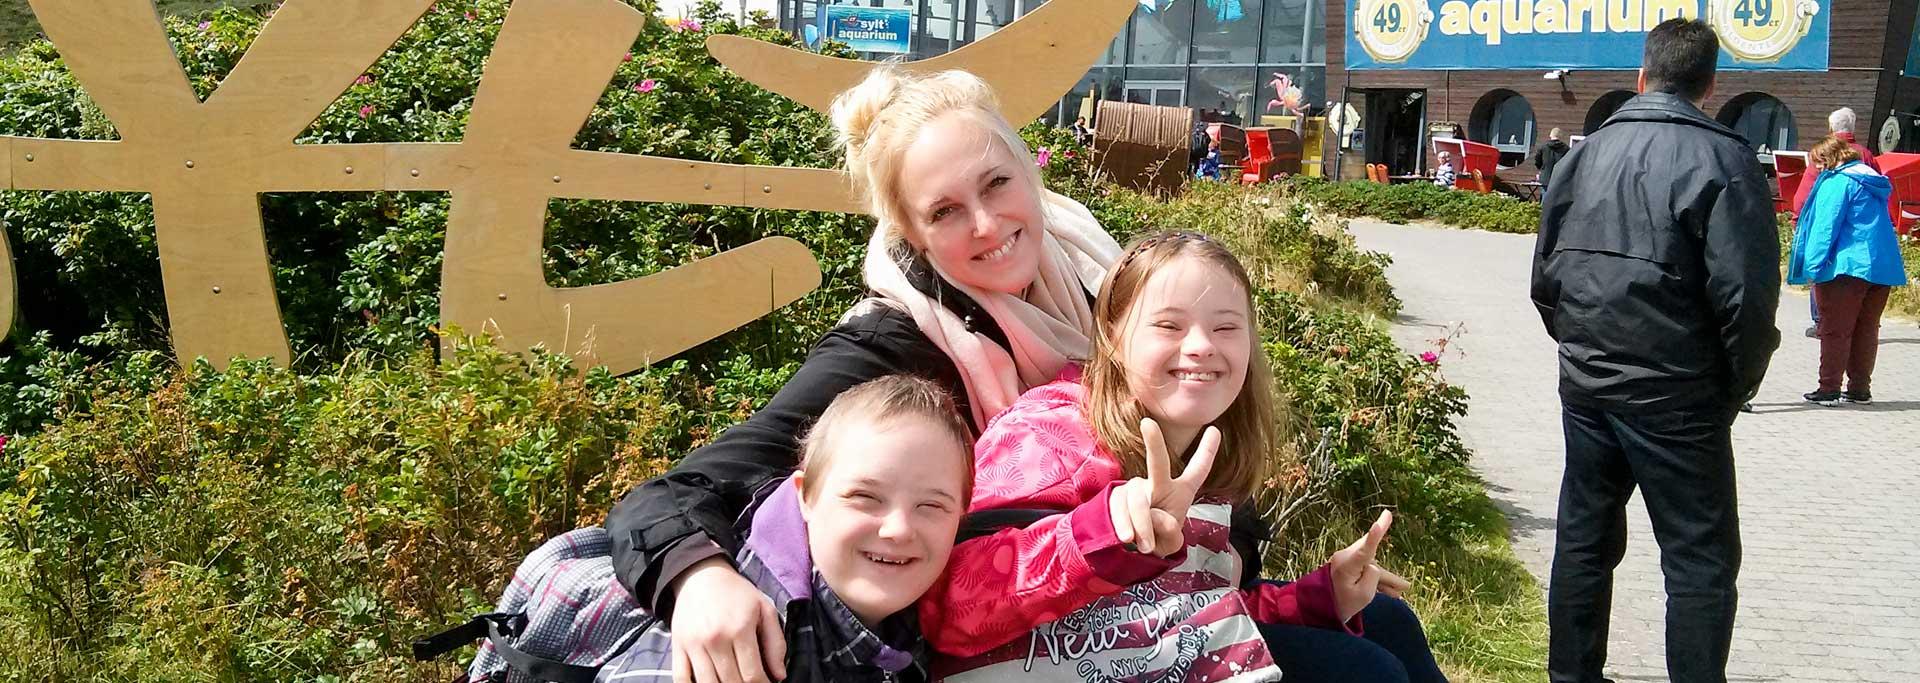 Reisen für Behinderte - Jugendliche auf Sylt